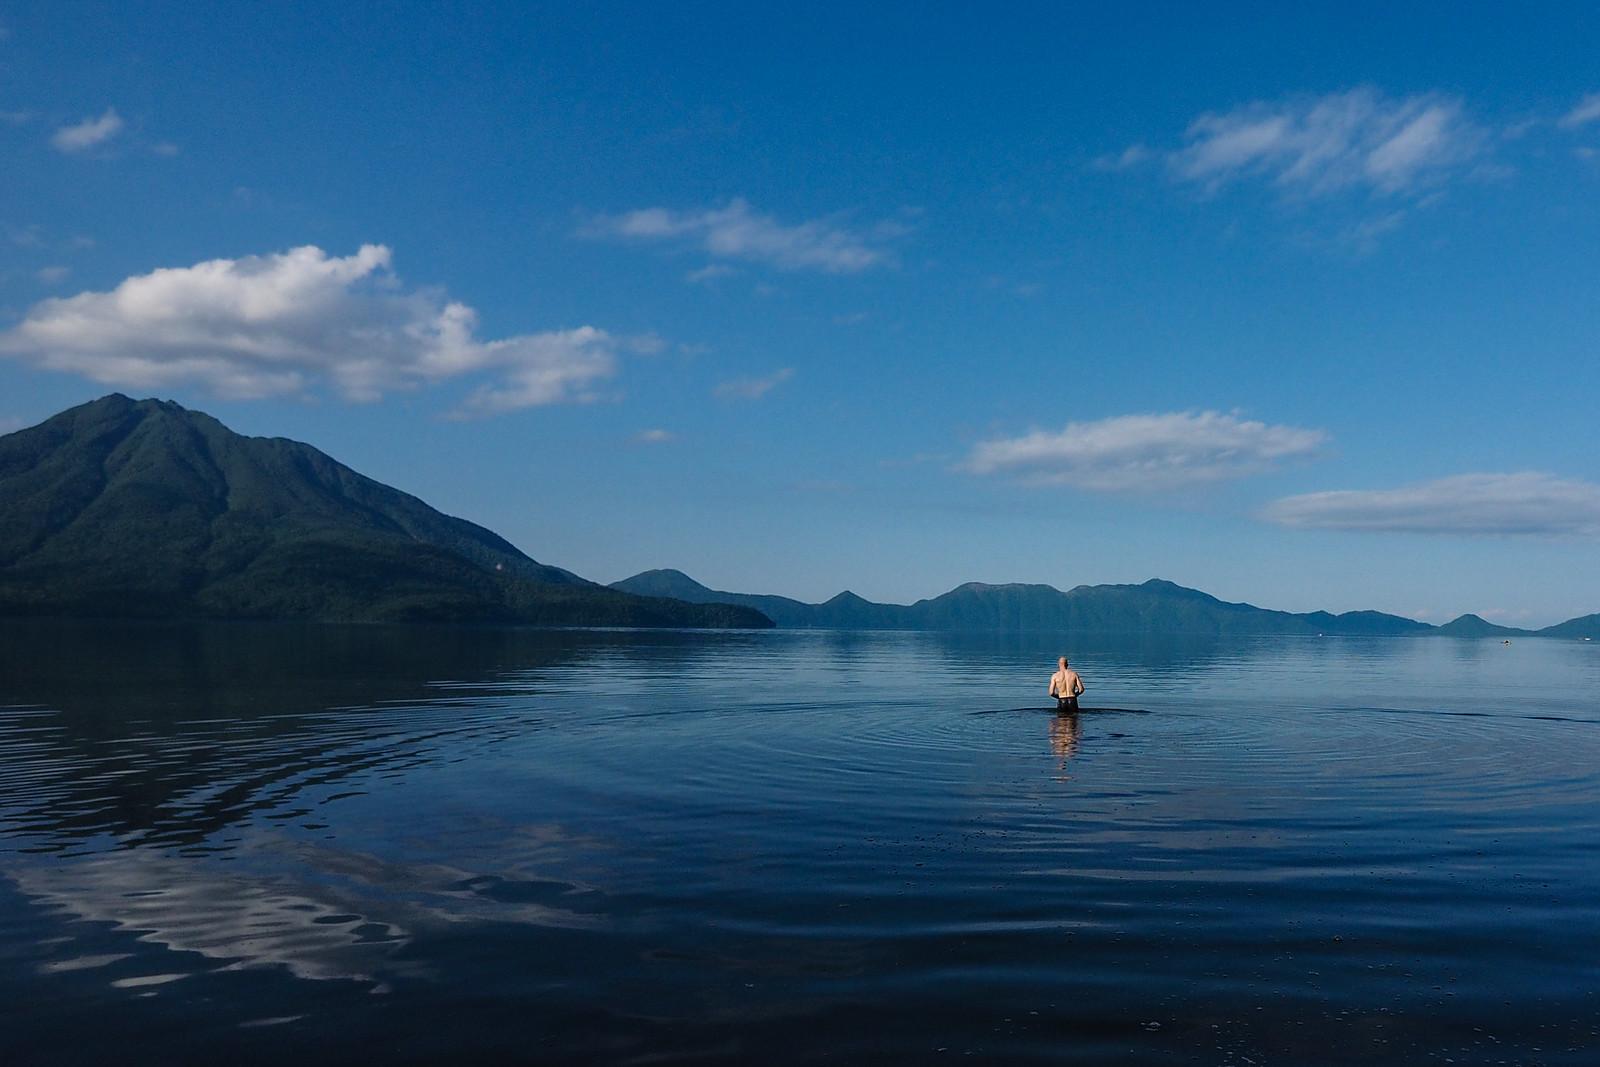 Lake Shikotsu Cycle-Camping Spring 2017